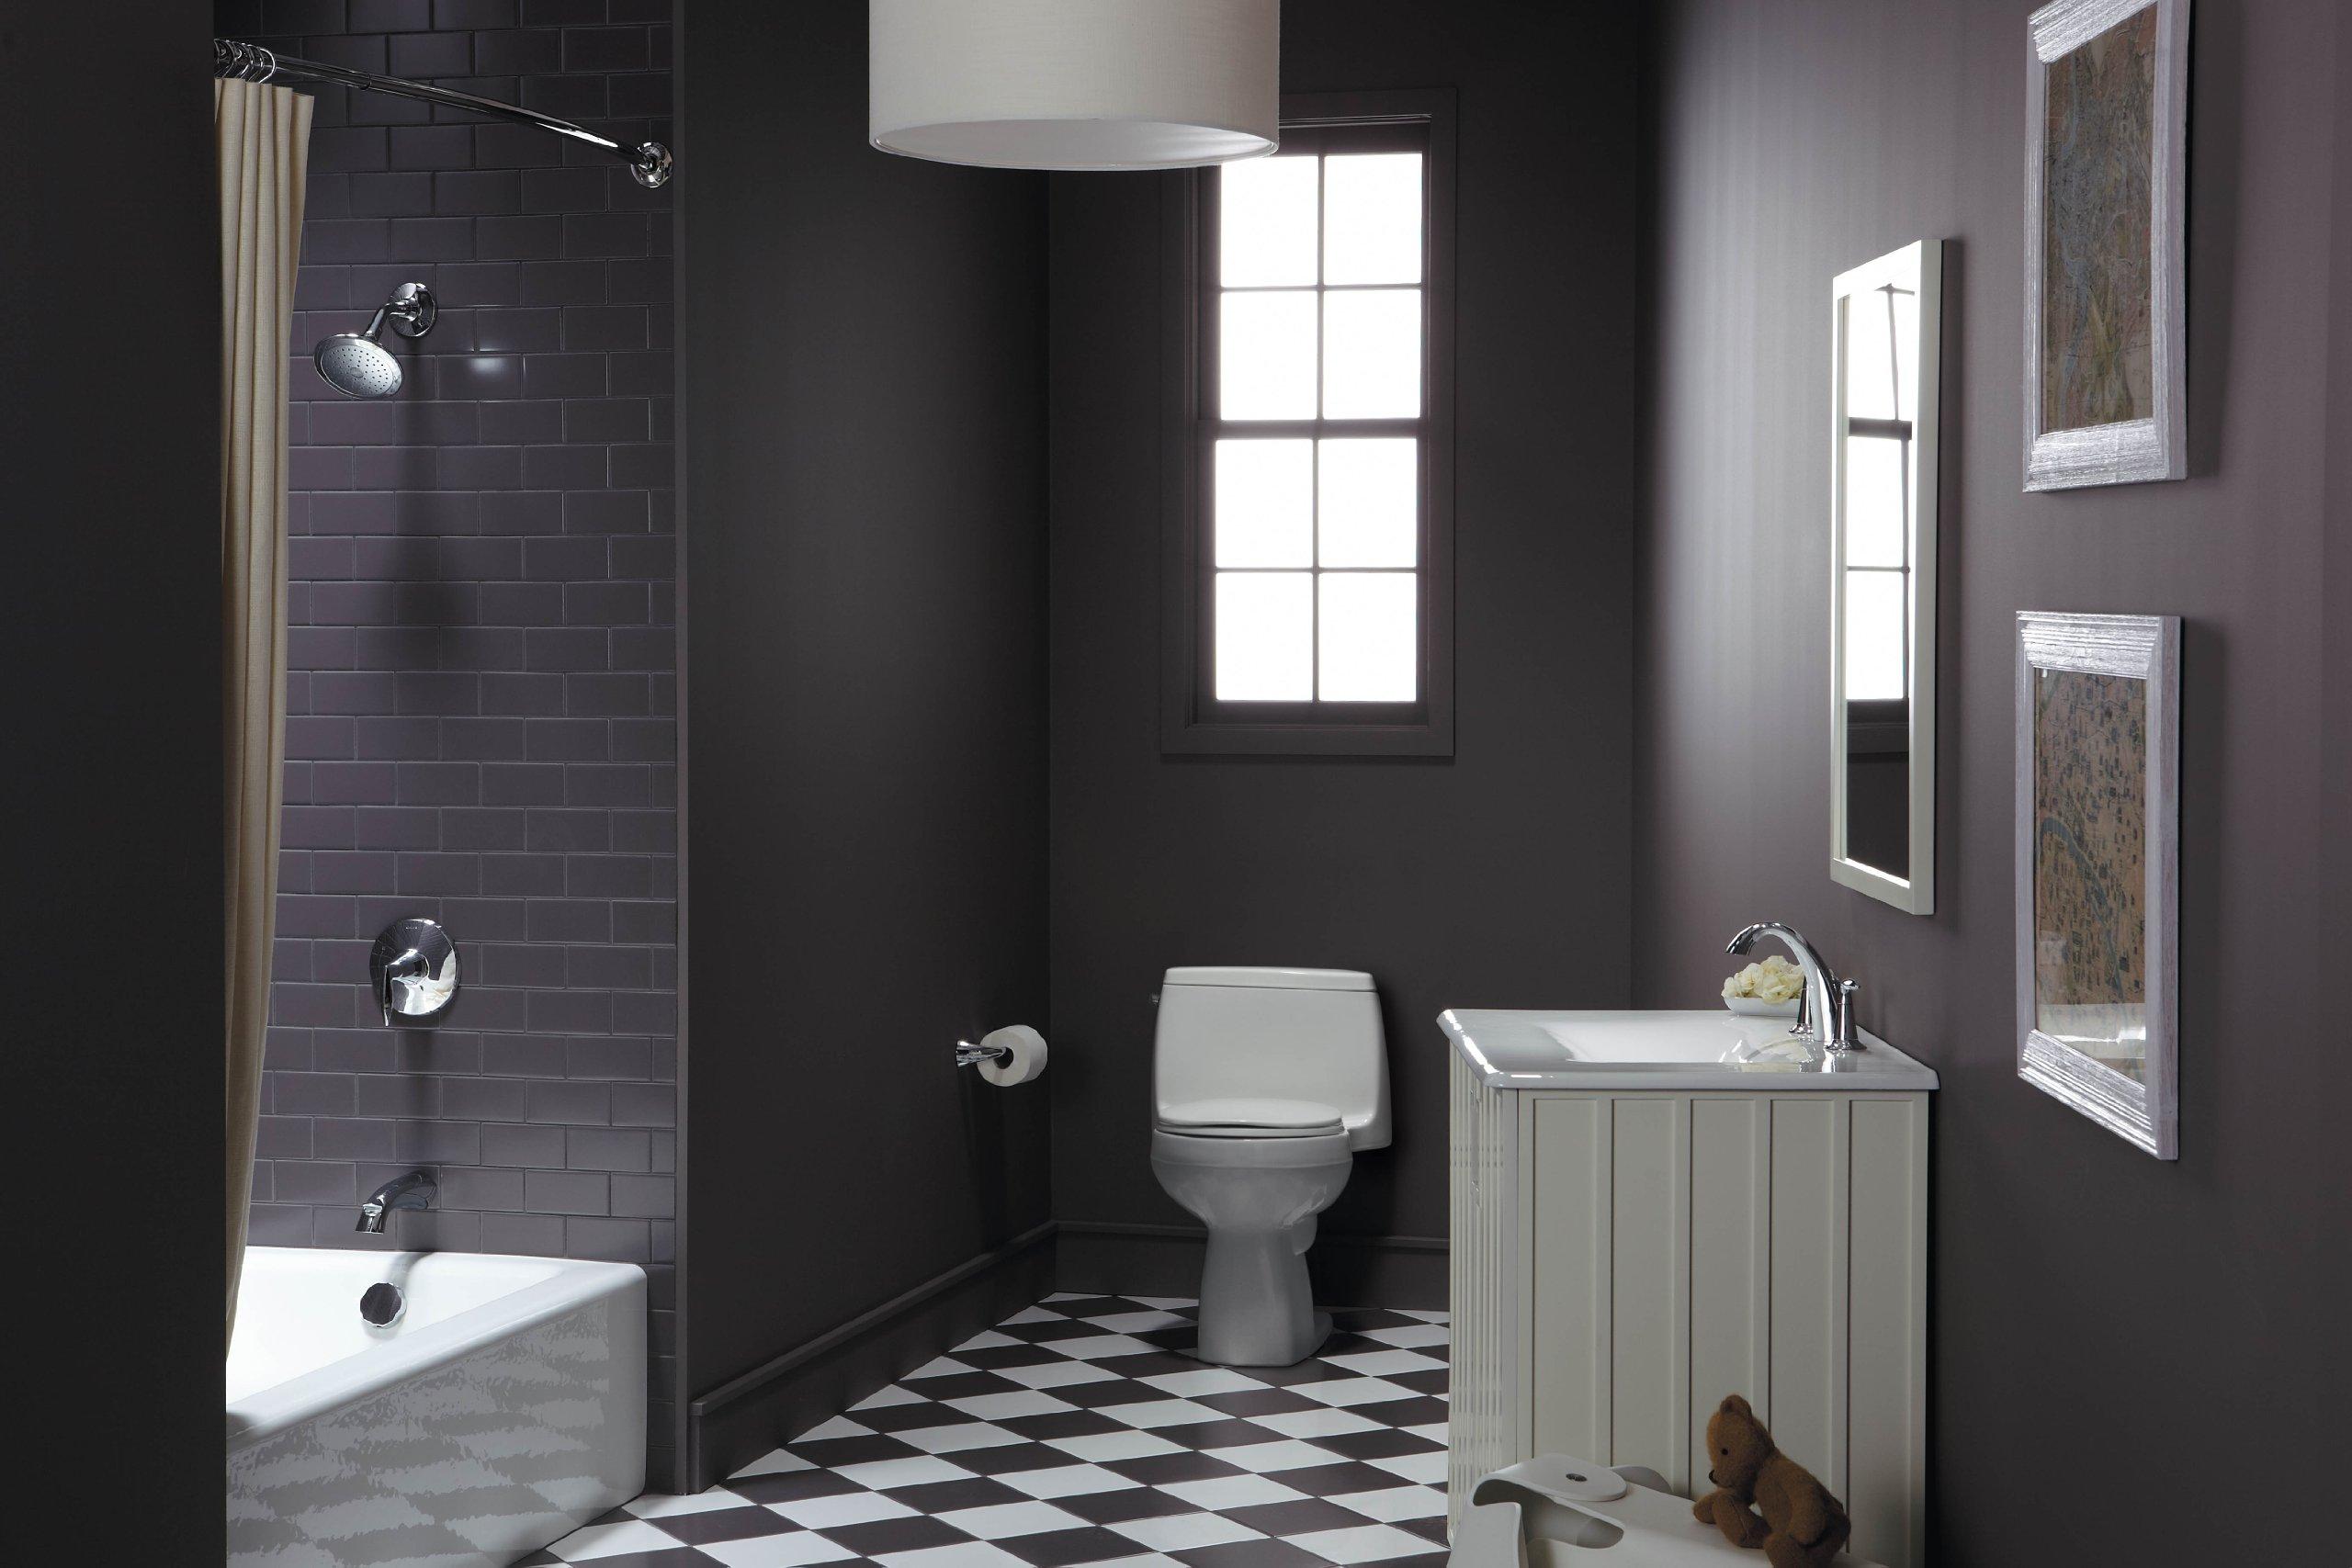 Kohler 3810 0 Santa Rosa Comfort Height Elongated 128 Gpf Toilet